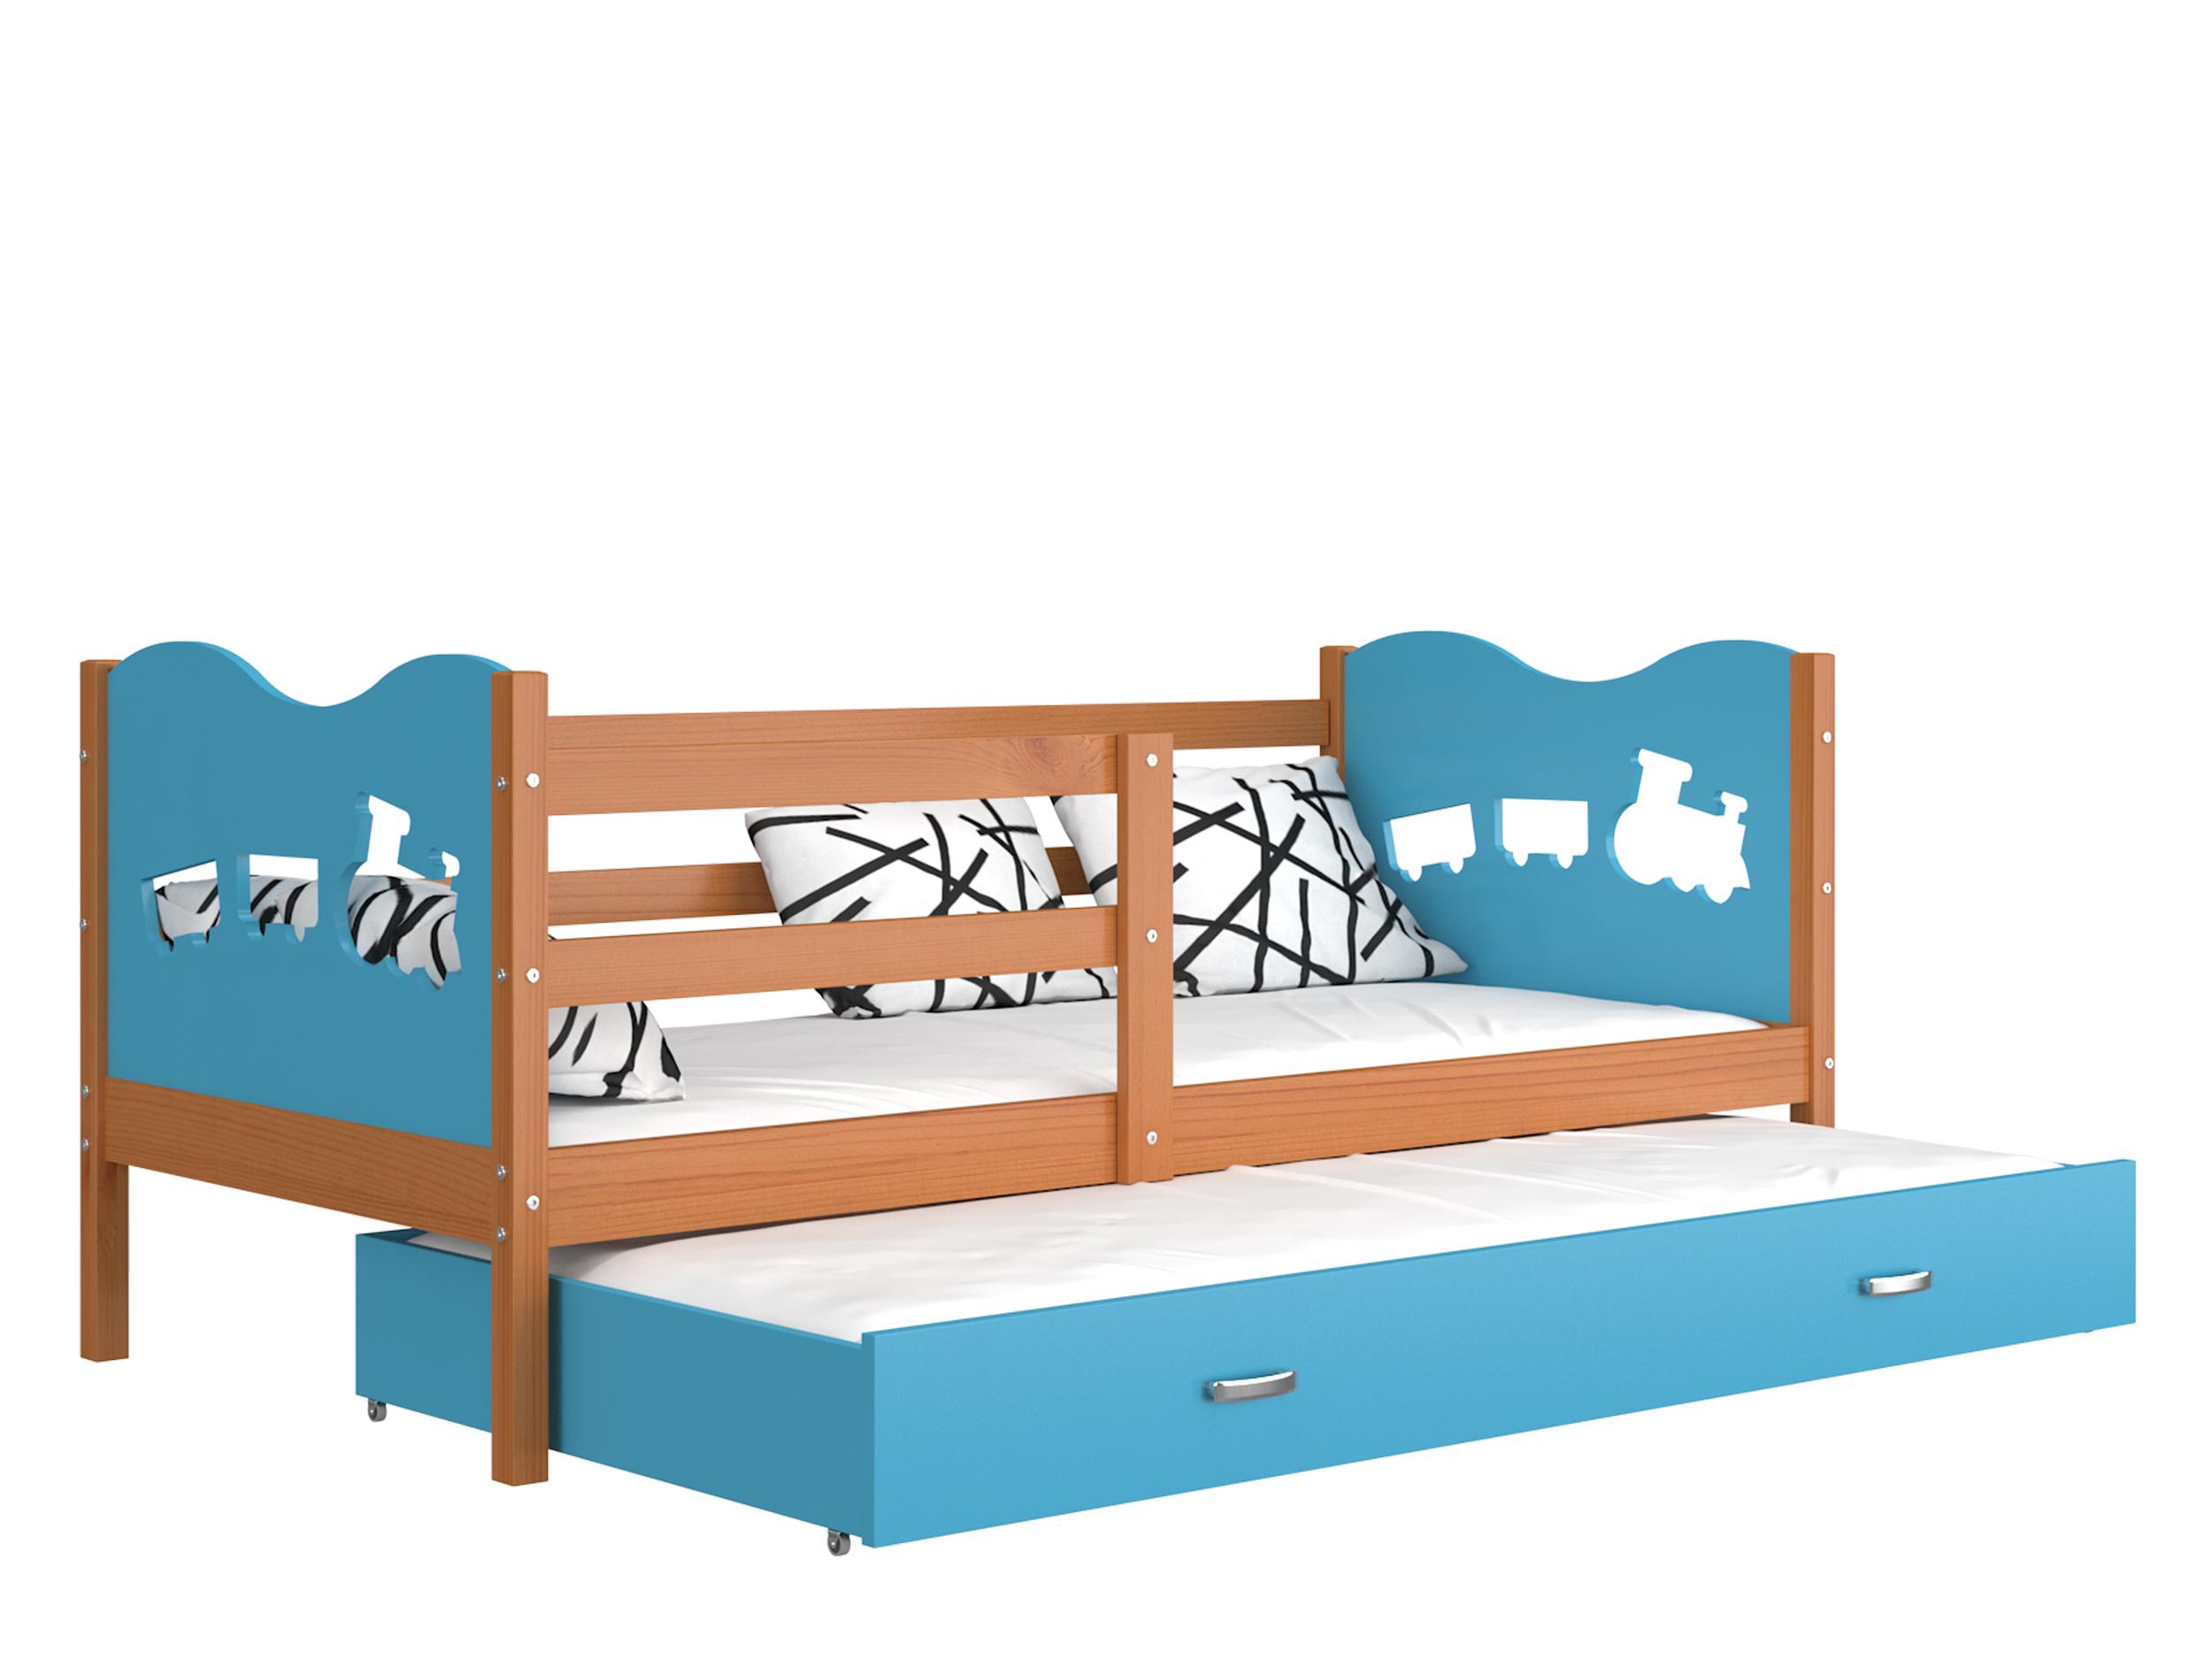 ArtAJ Detská posteľ Max P2 drevo / MDF 190 x 80 cm Max: jelša / modrá s matracom 190 x 80 cm